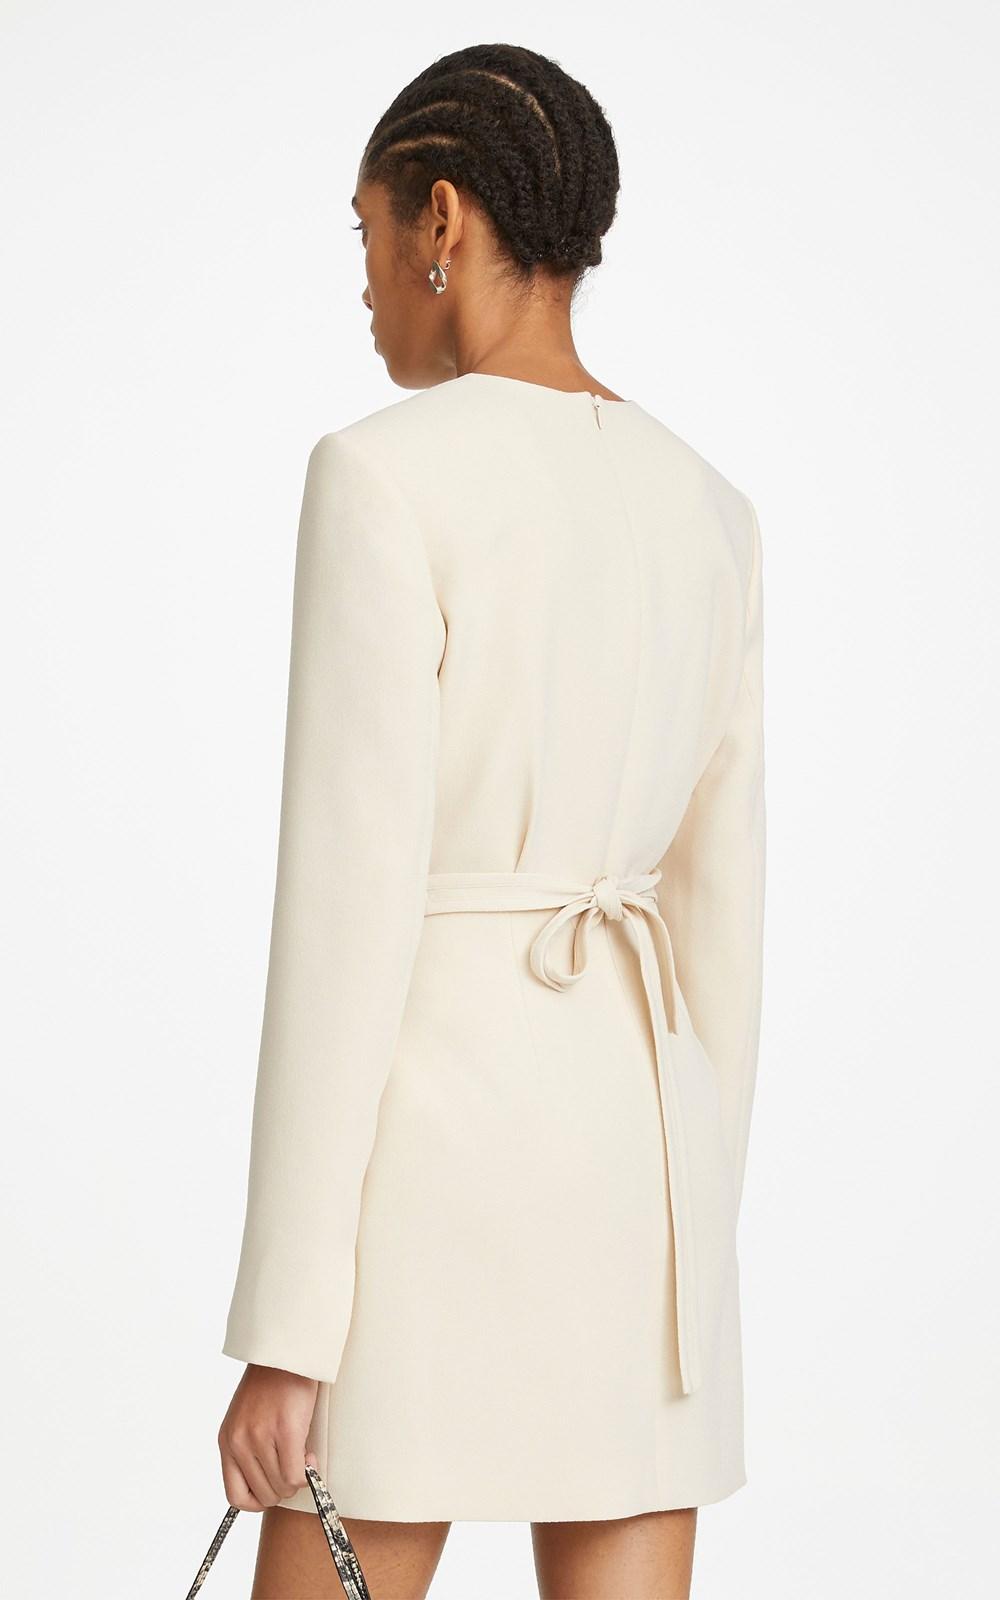 Dresses | MARLE TIE MINI DRESS